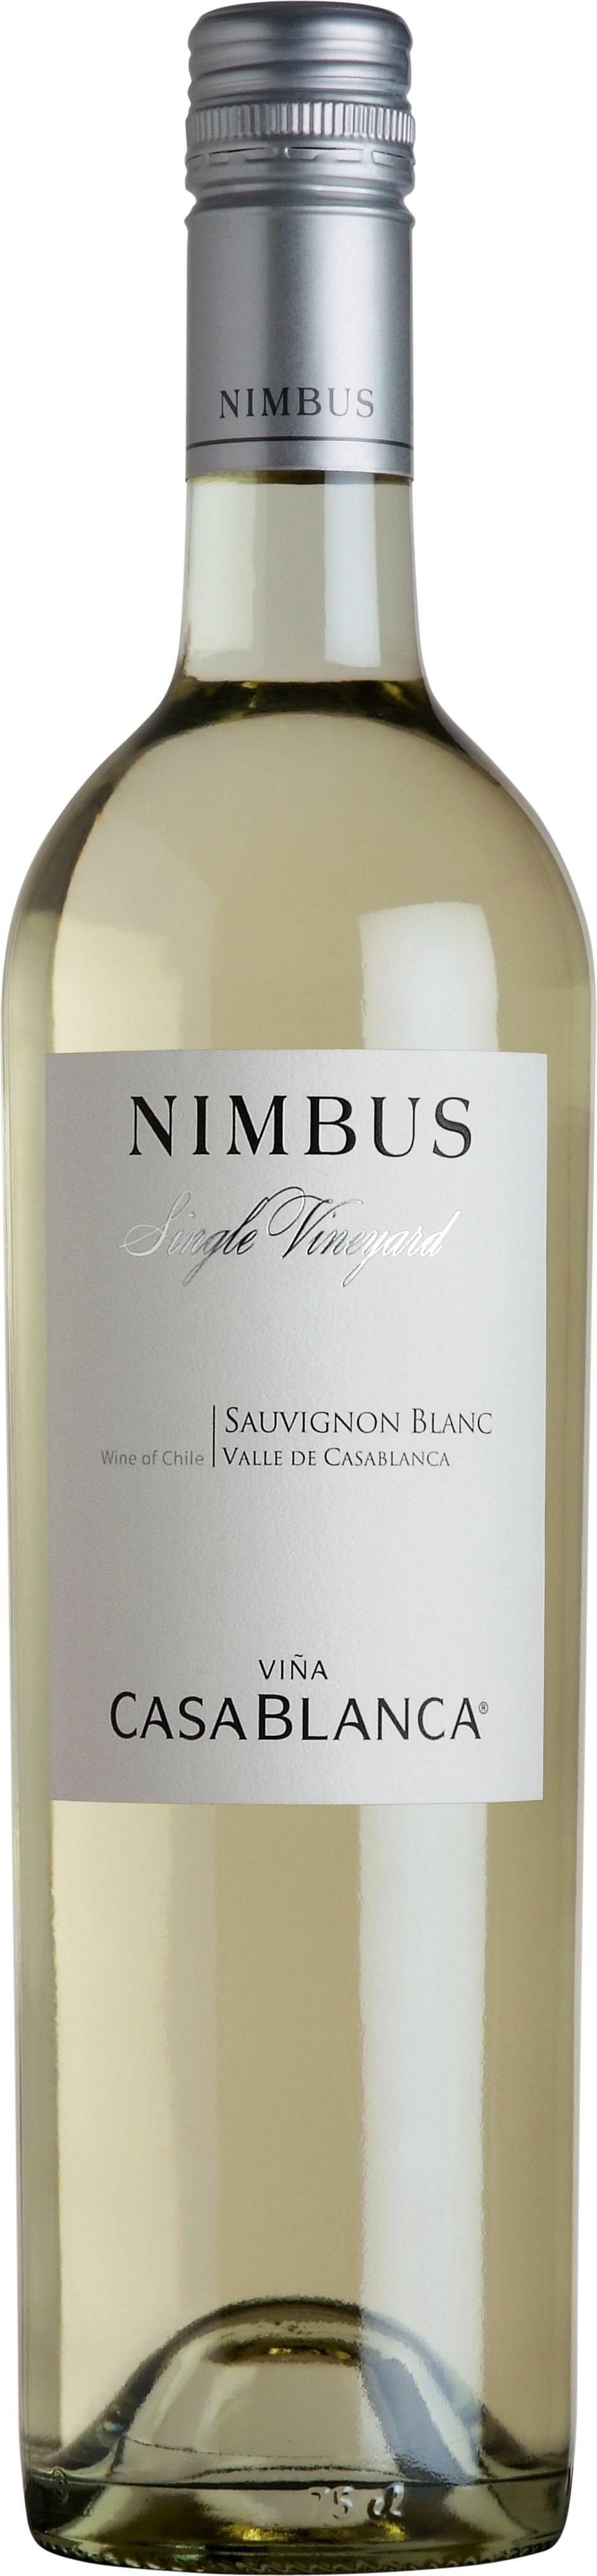 2012 Vina Casablanca Nimbus Sauvignon Blanc Casablanca Valley